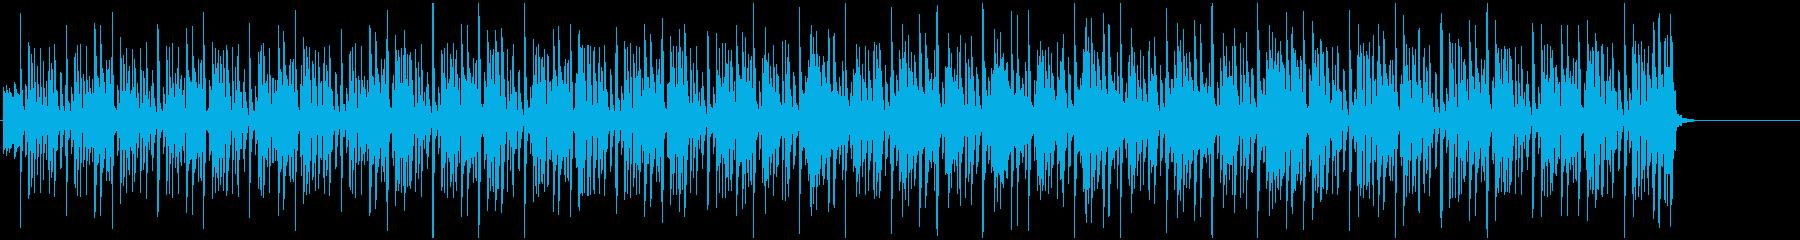 スキップの様に軽く明るいBGMの再生済みの波形